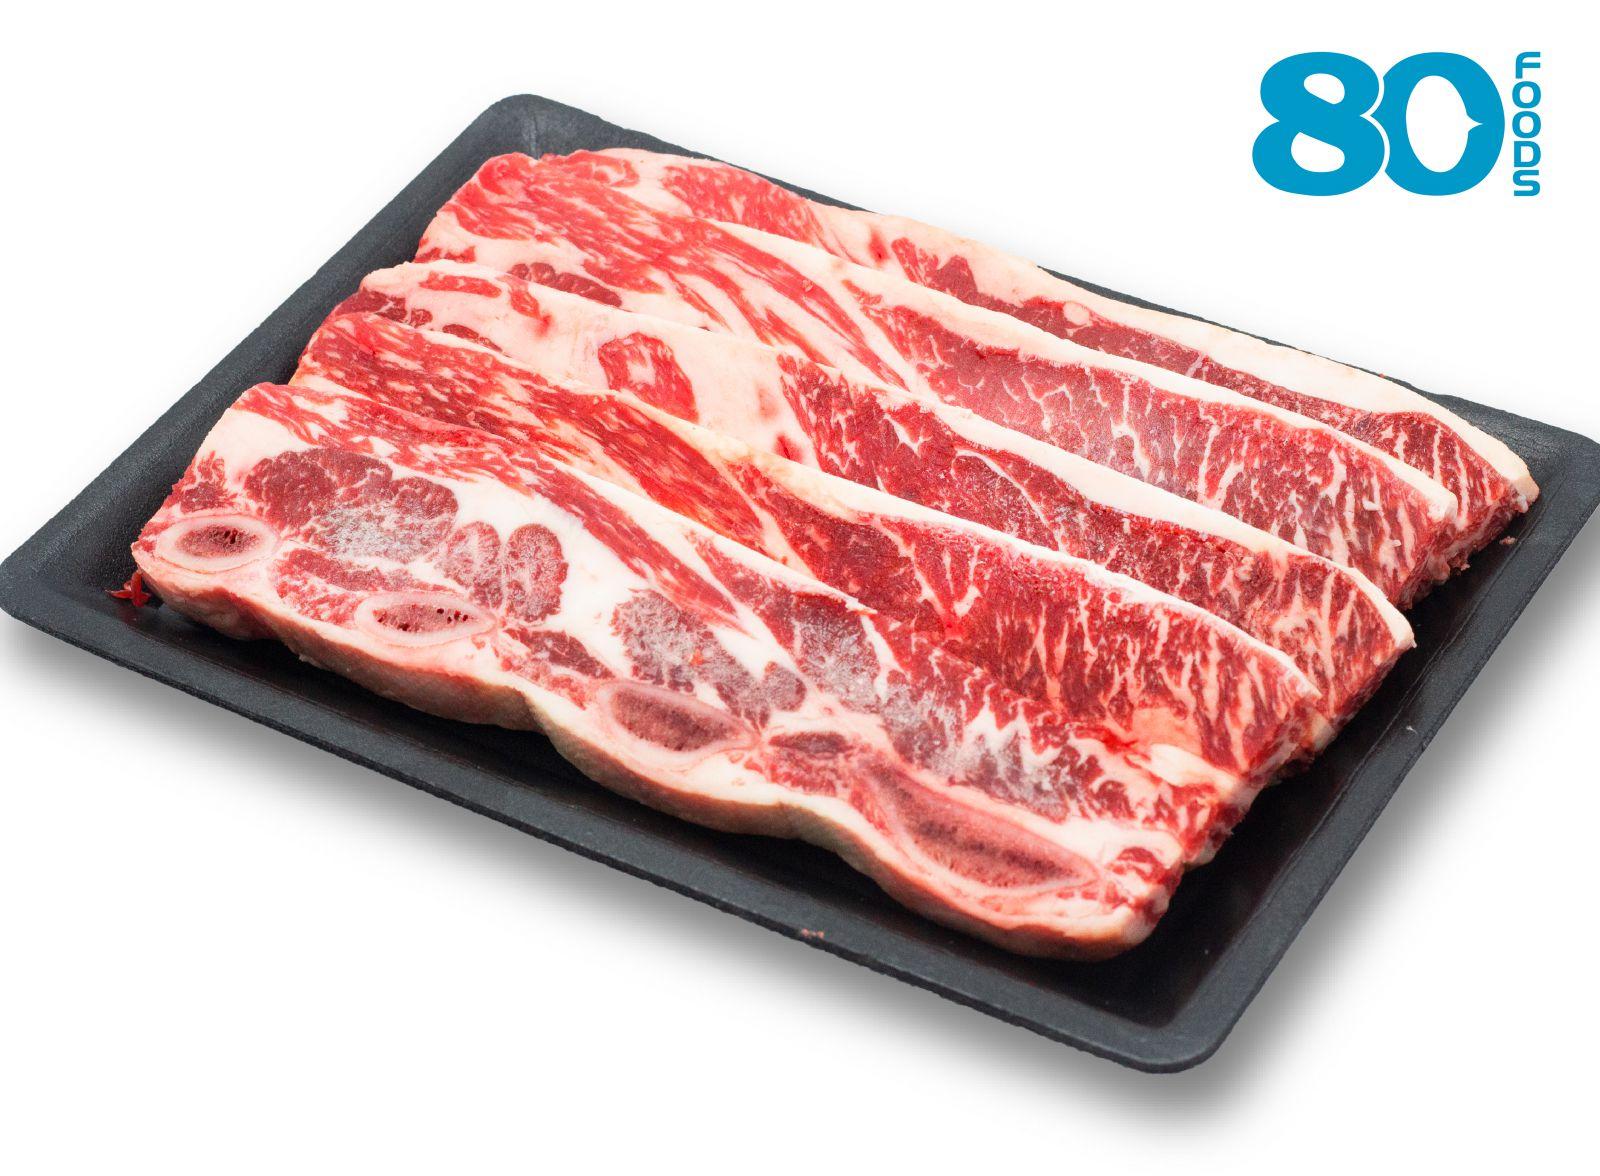 Sườn có xương bò Mỹ cắt nướng (500gram)